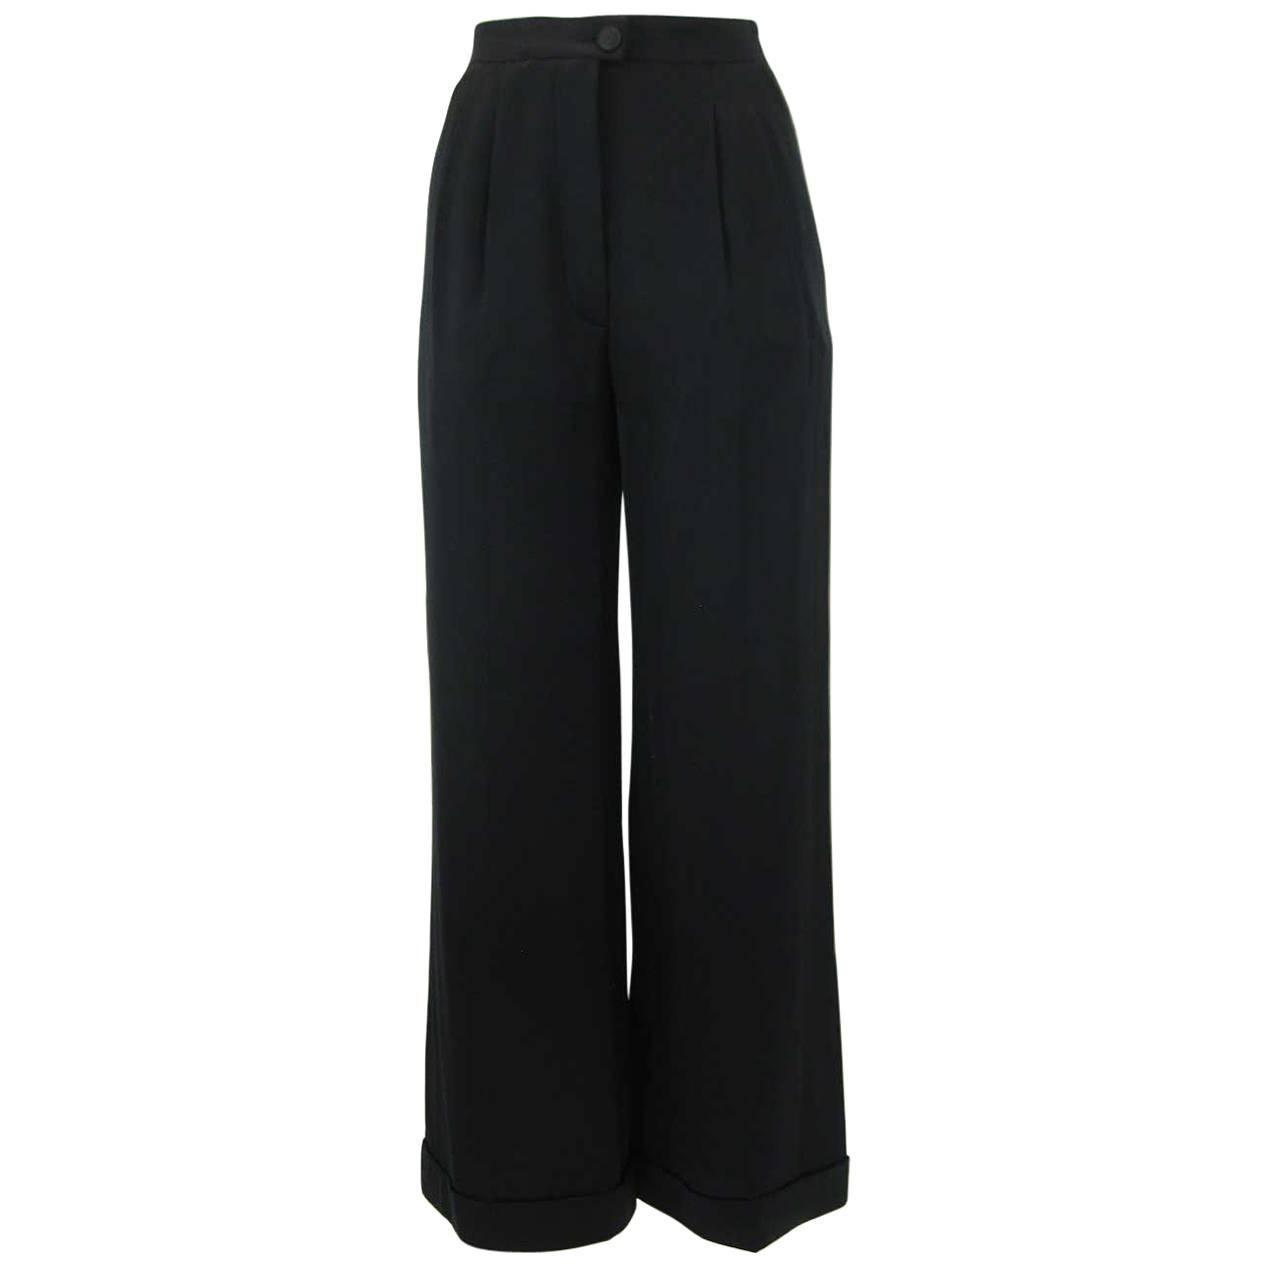 TROUSERS - Casual trousers Femi khnUXW6knn